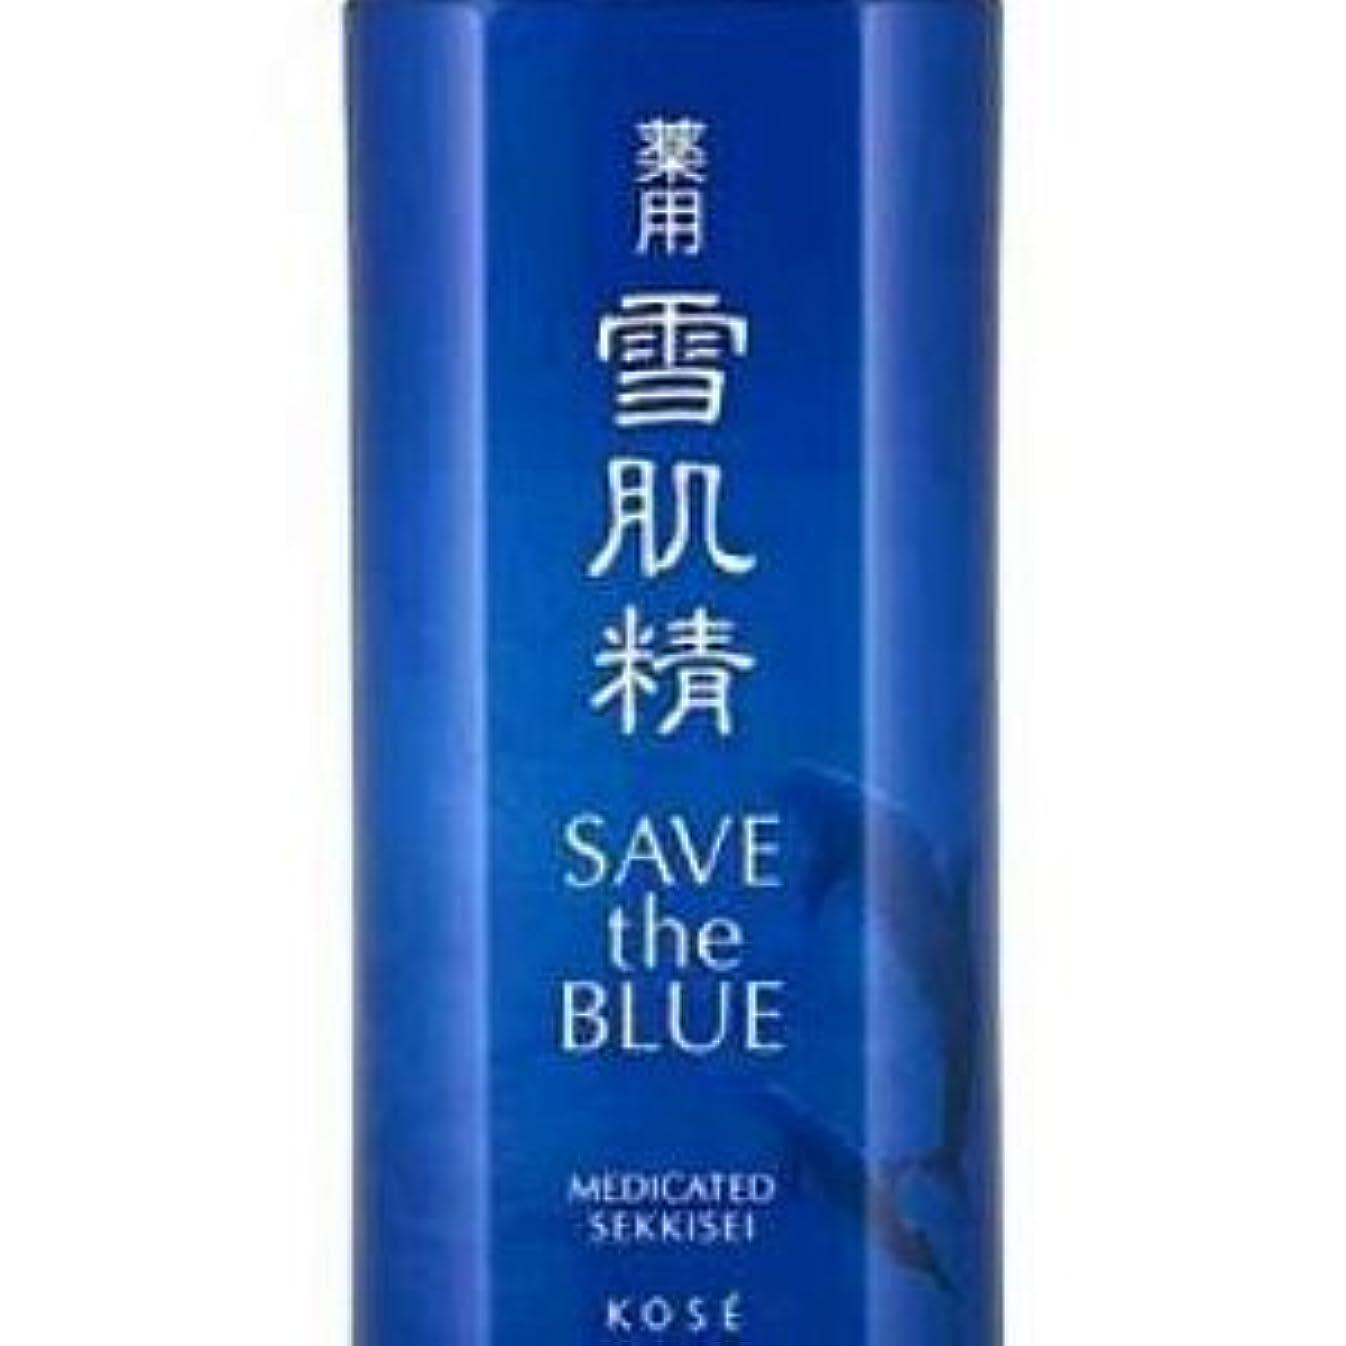 北へ主人メガロポリスコーセー 薬用雪肌精 化粧水 ディスペンサー付限定ボトル 500ml アウトレット